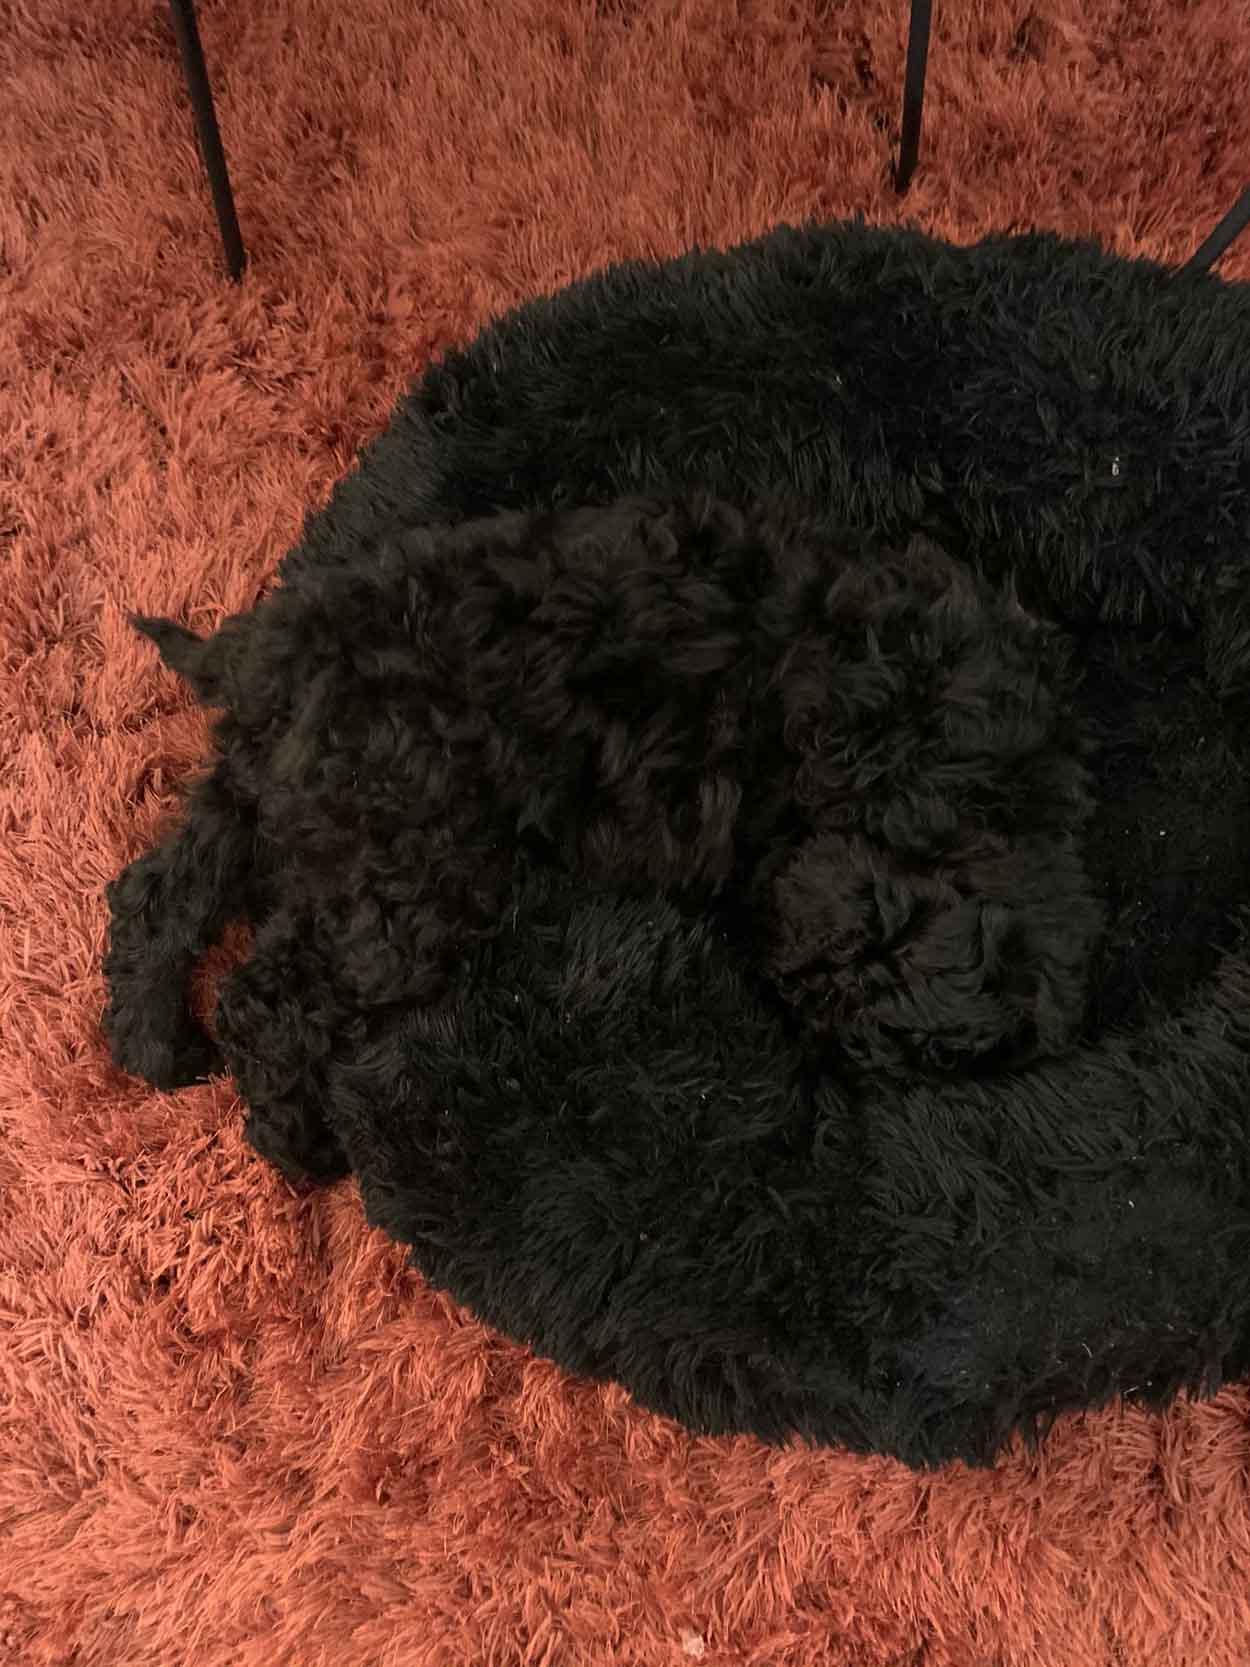 Cachorro se camufla fácilmente en su cama